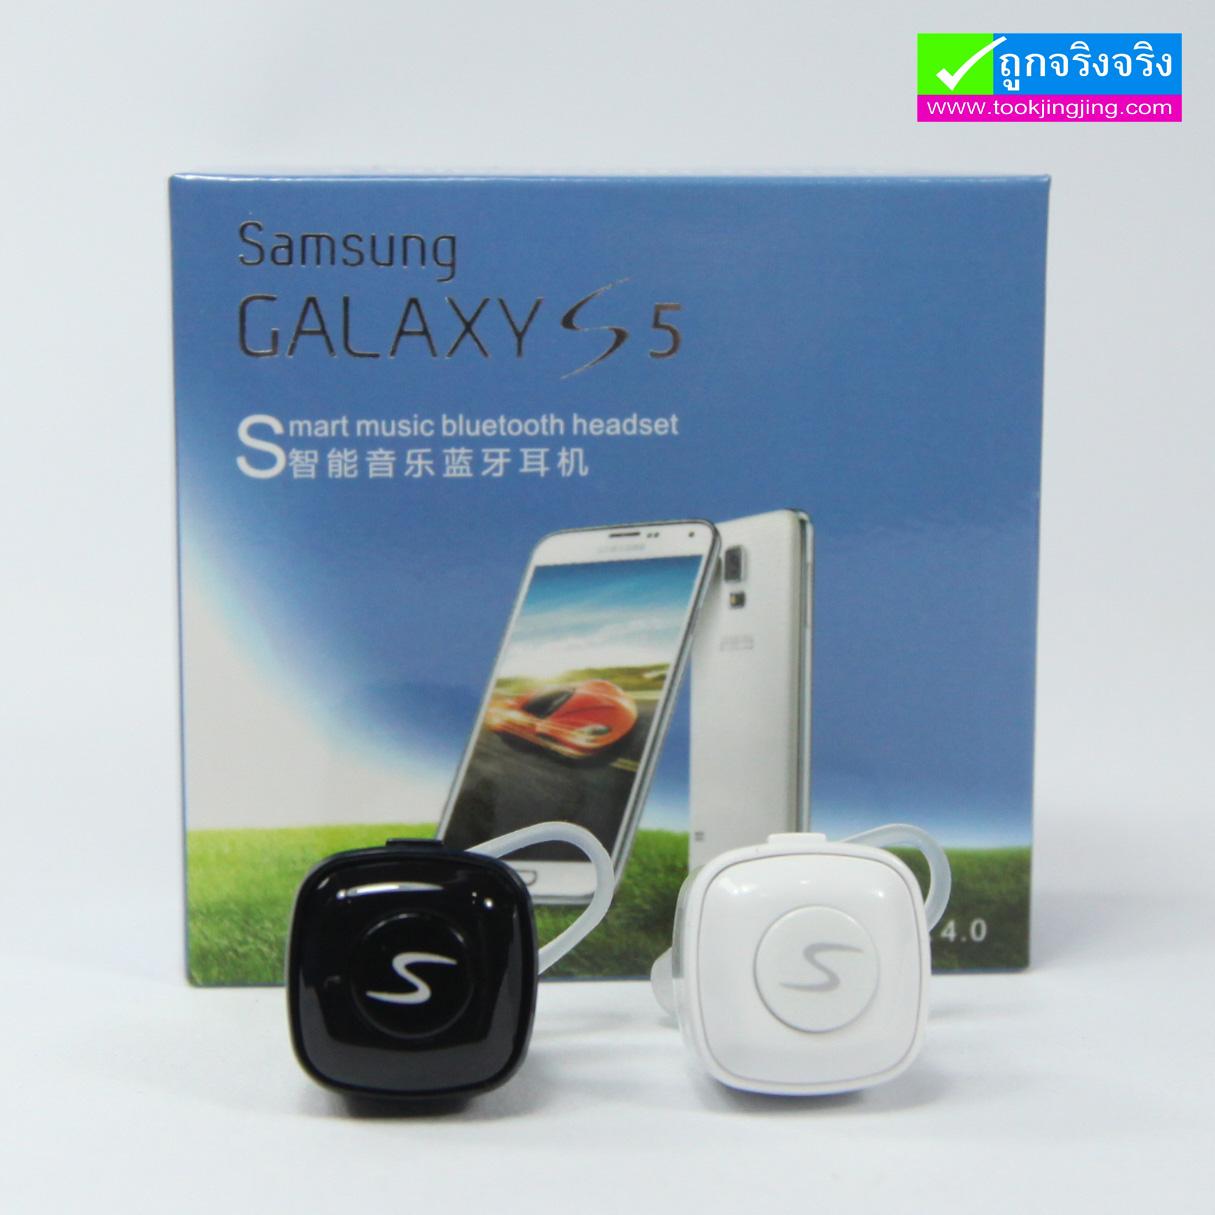 หูฟัง บลูทูธ Samsung Galaxy S5 เล็กสุดๆ